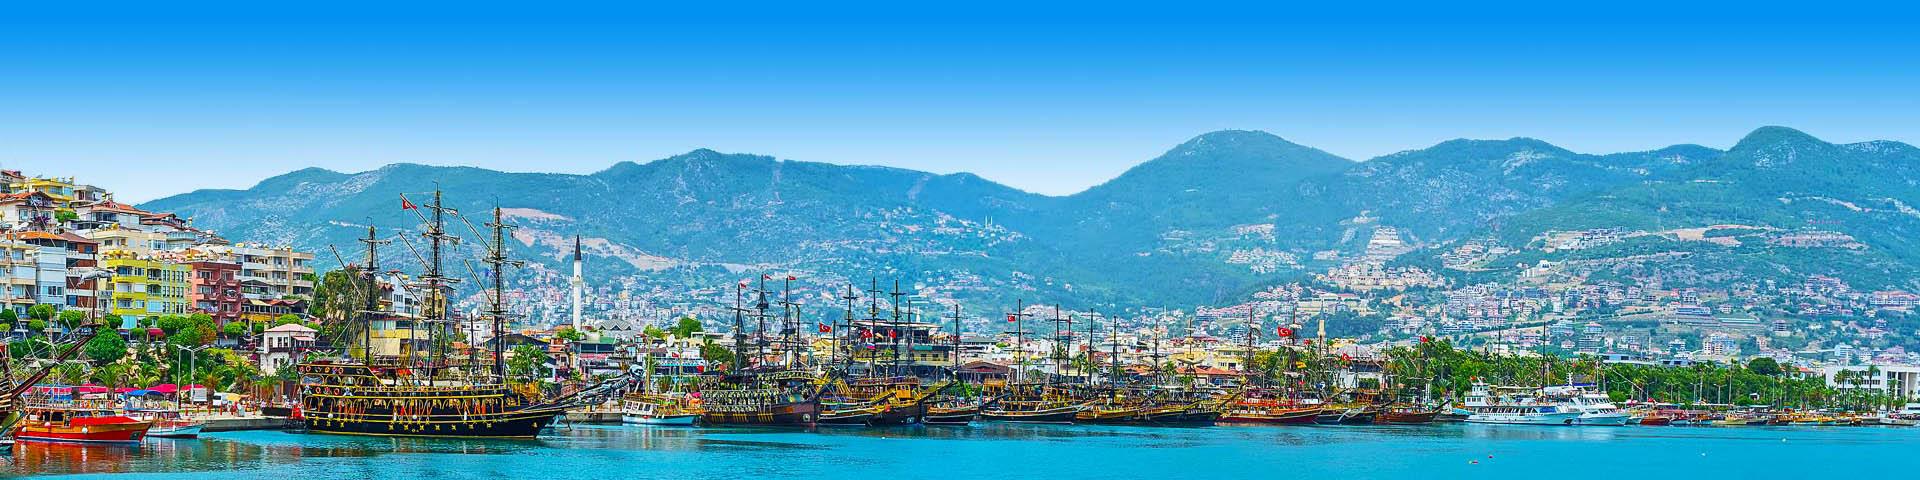 De oude haven van Marmaris in Turkije